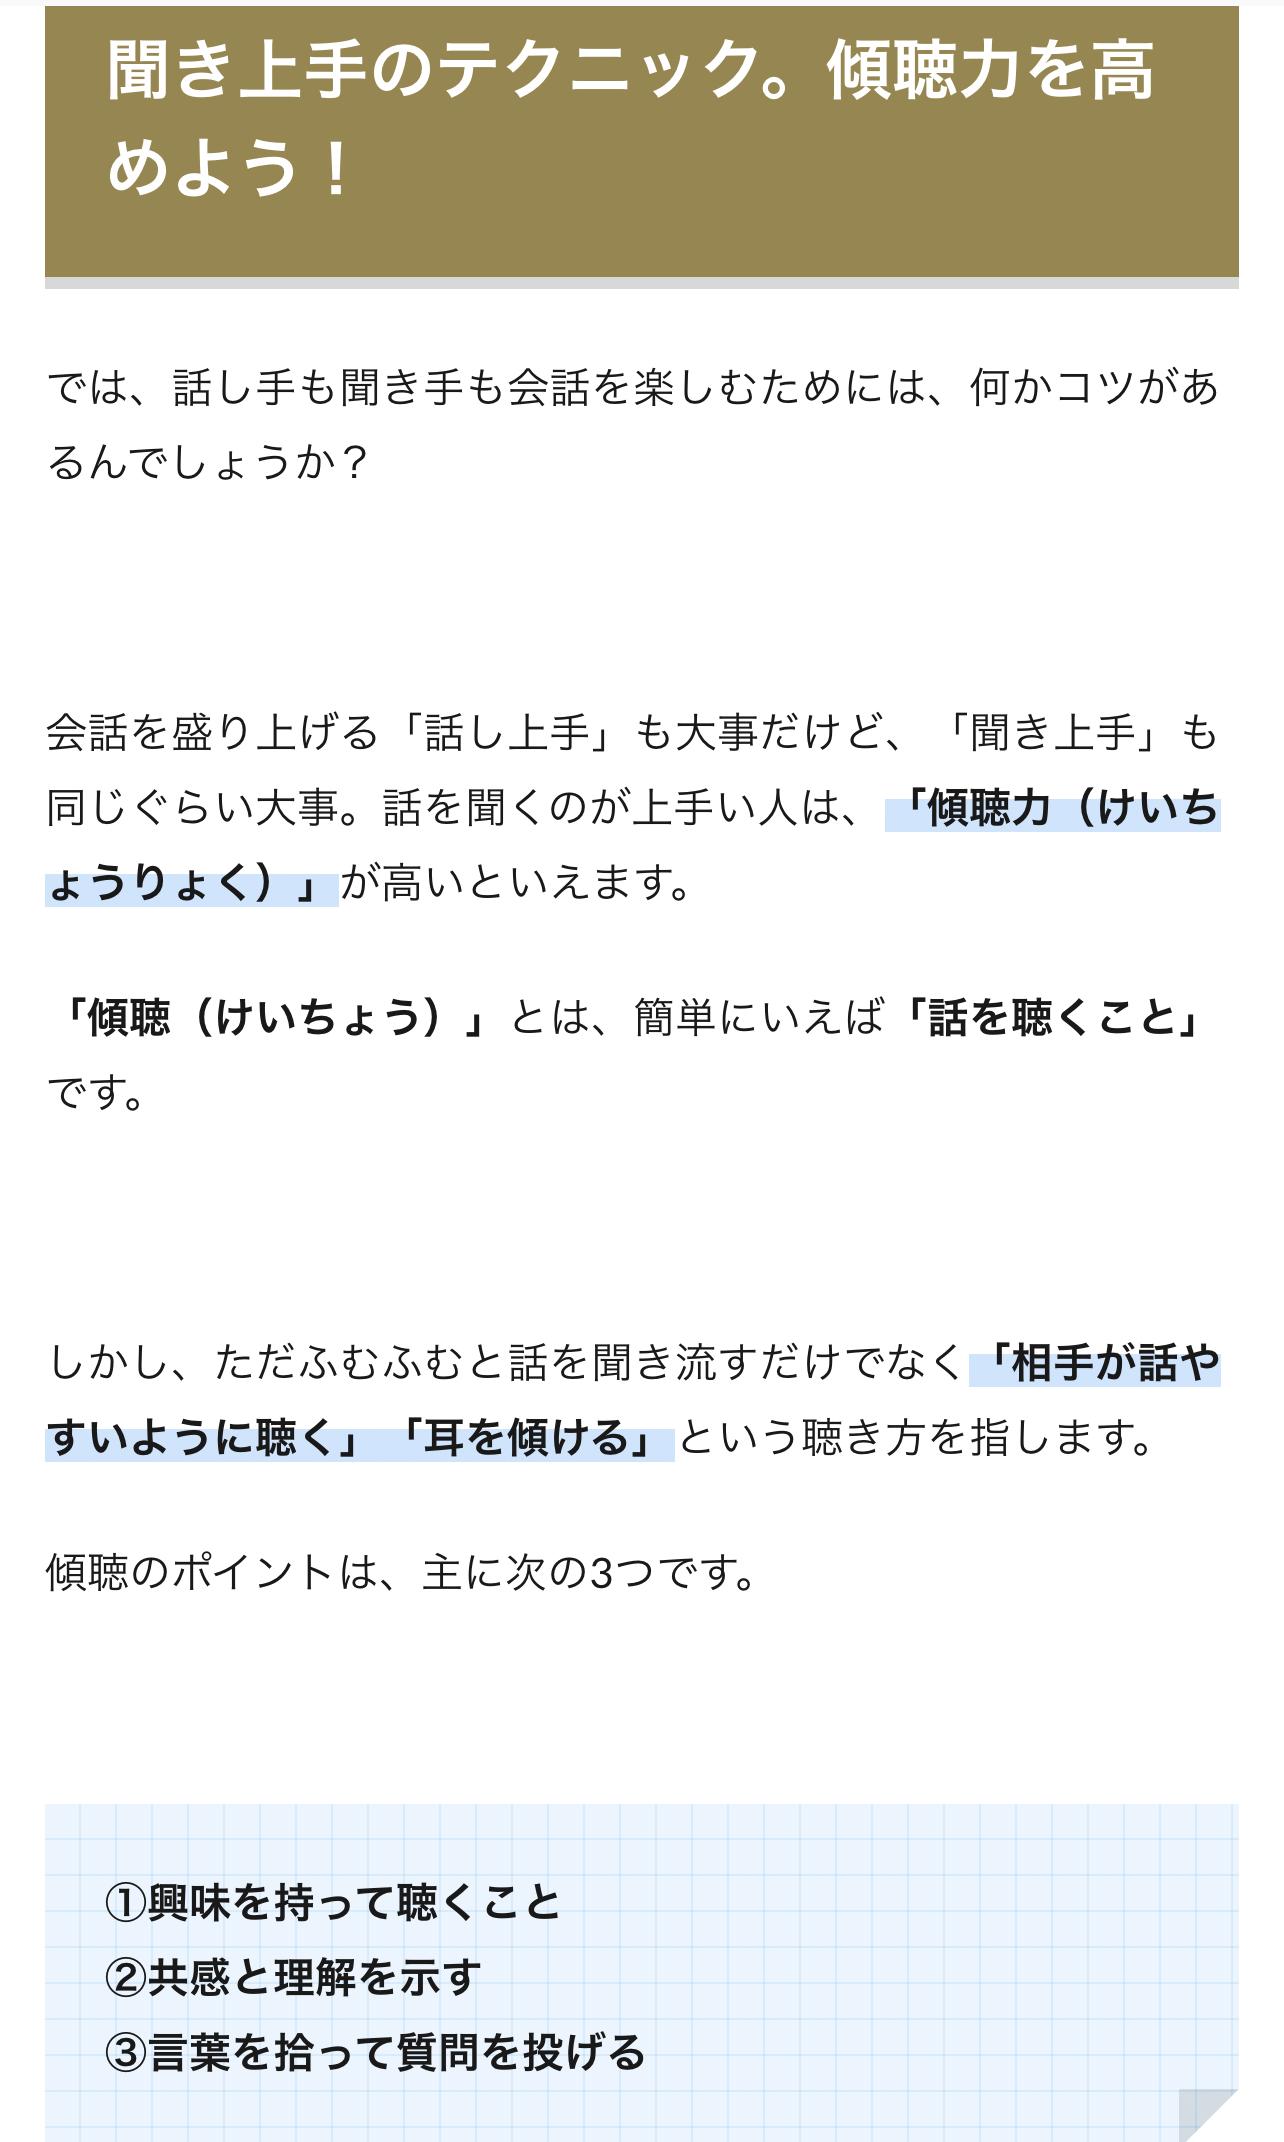 8B09E438-1DA6-437A-A681-0E24FC43EB1D